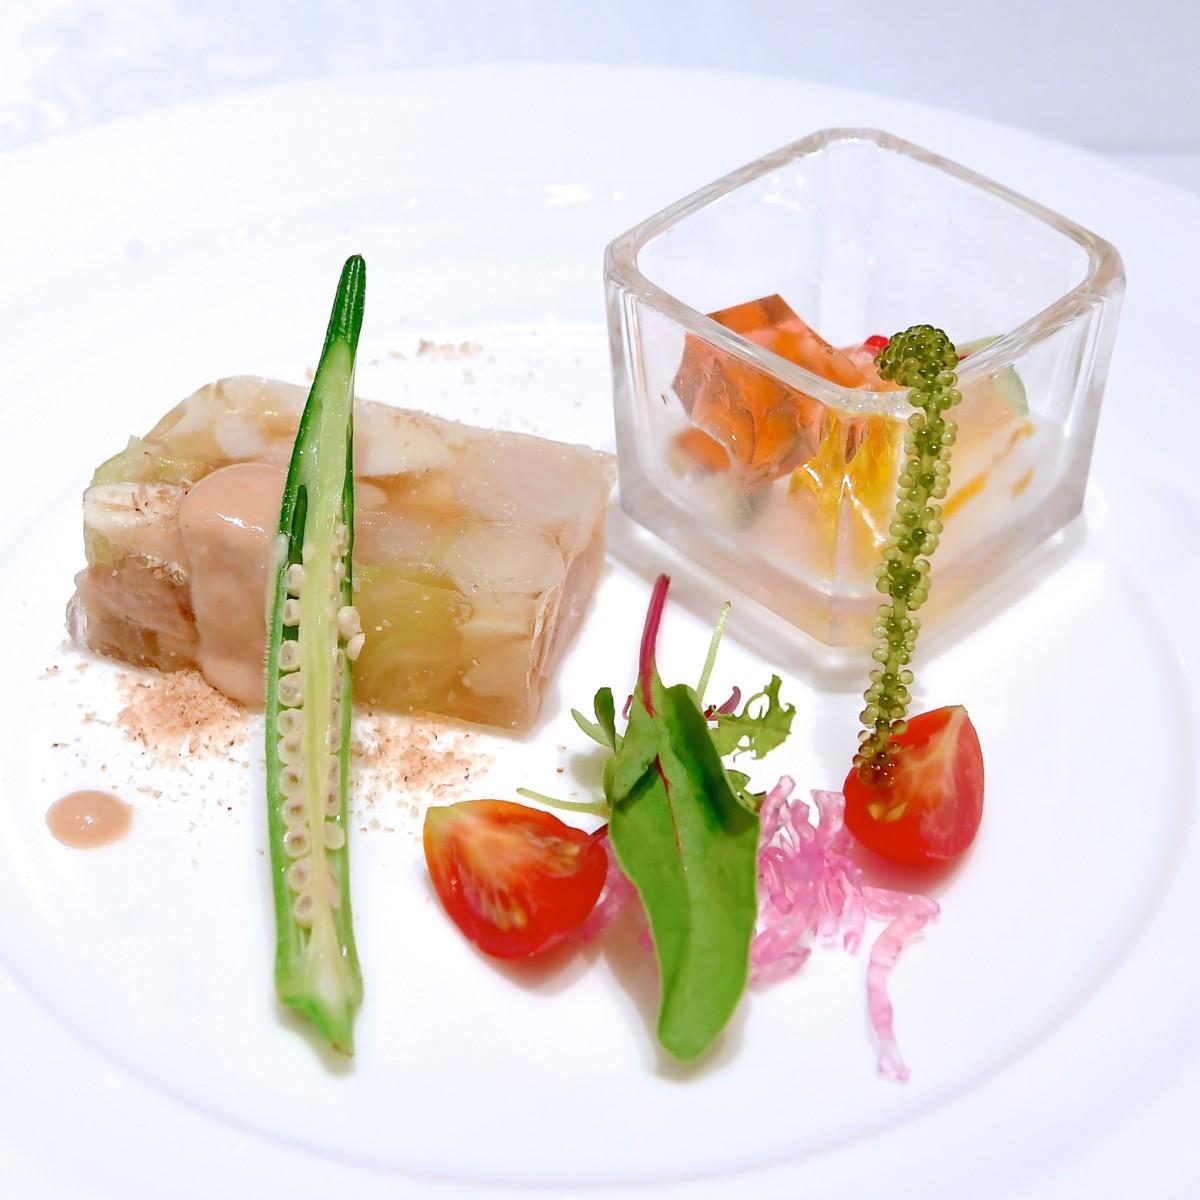 岩井鶏肉と野菜のテリーヌ 棒々鶏ソース